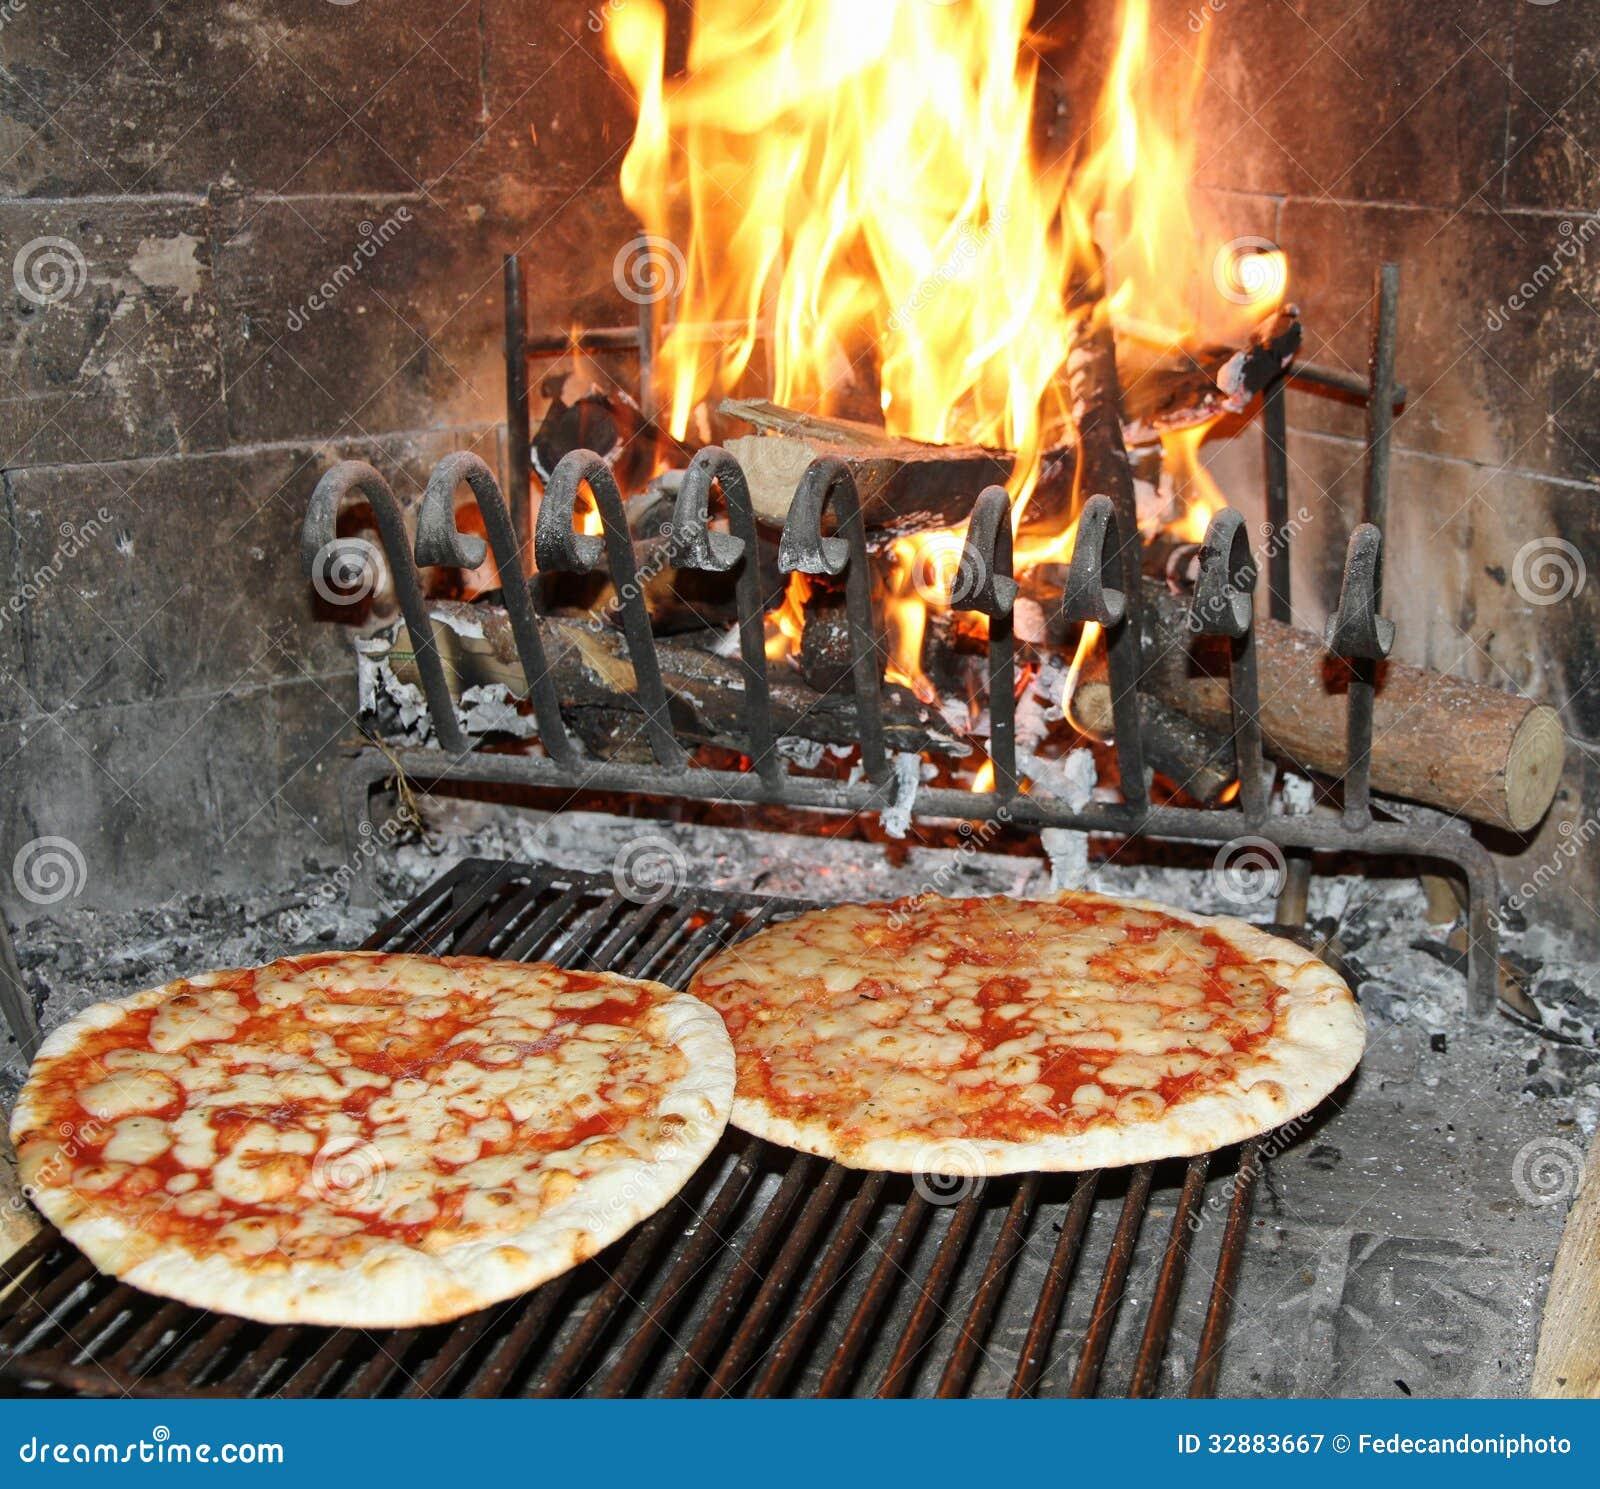 l 39 excellente pizza parfum e a fait cuire au four dans une chemin e en bois avec du bois b. Black Bedroom Furniture Sets. Home Design Ideas